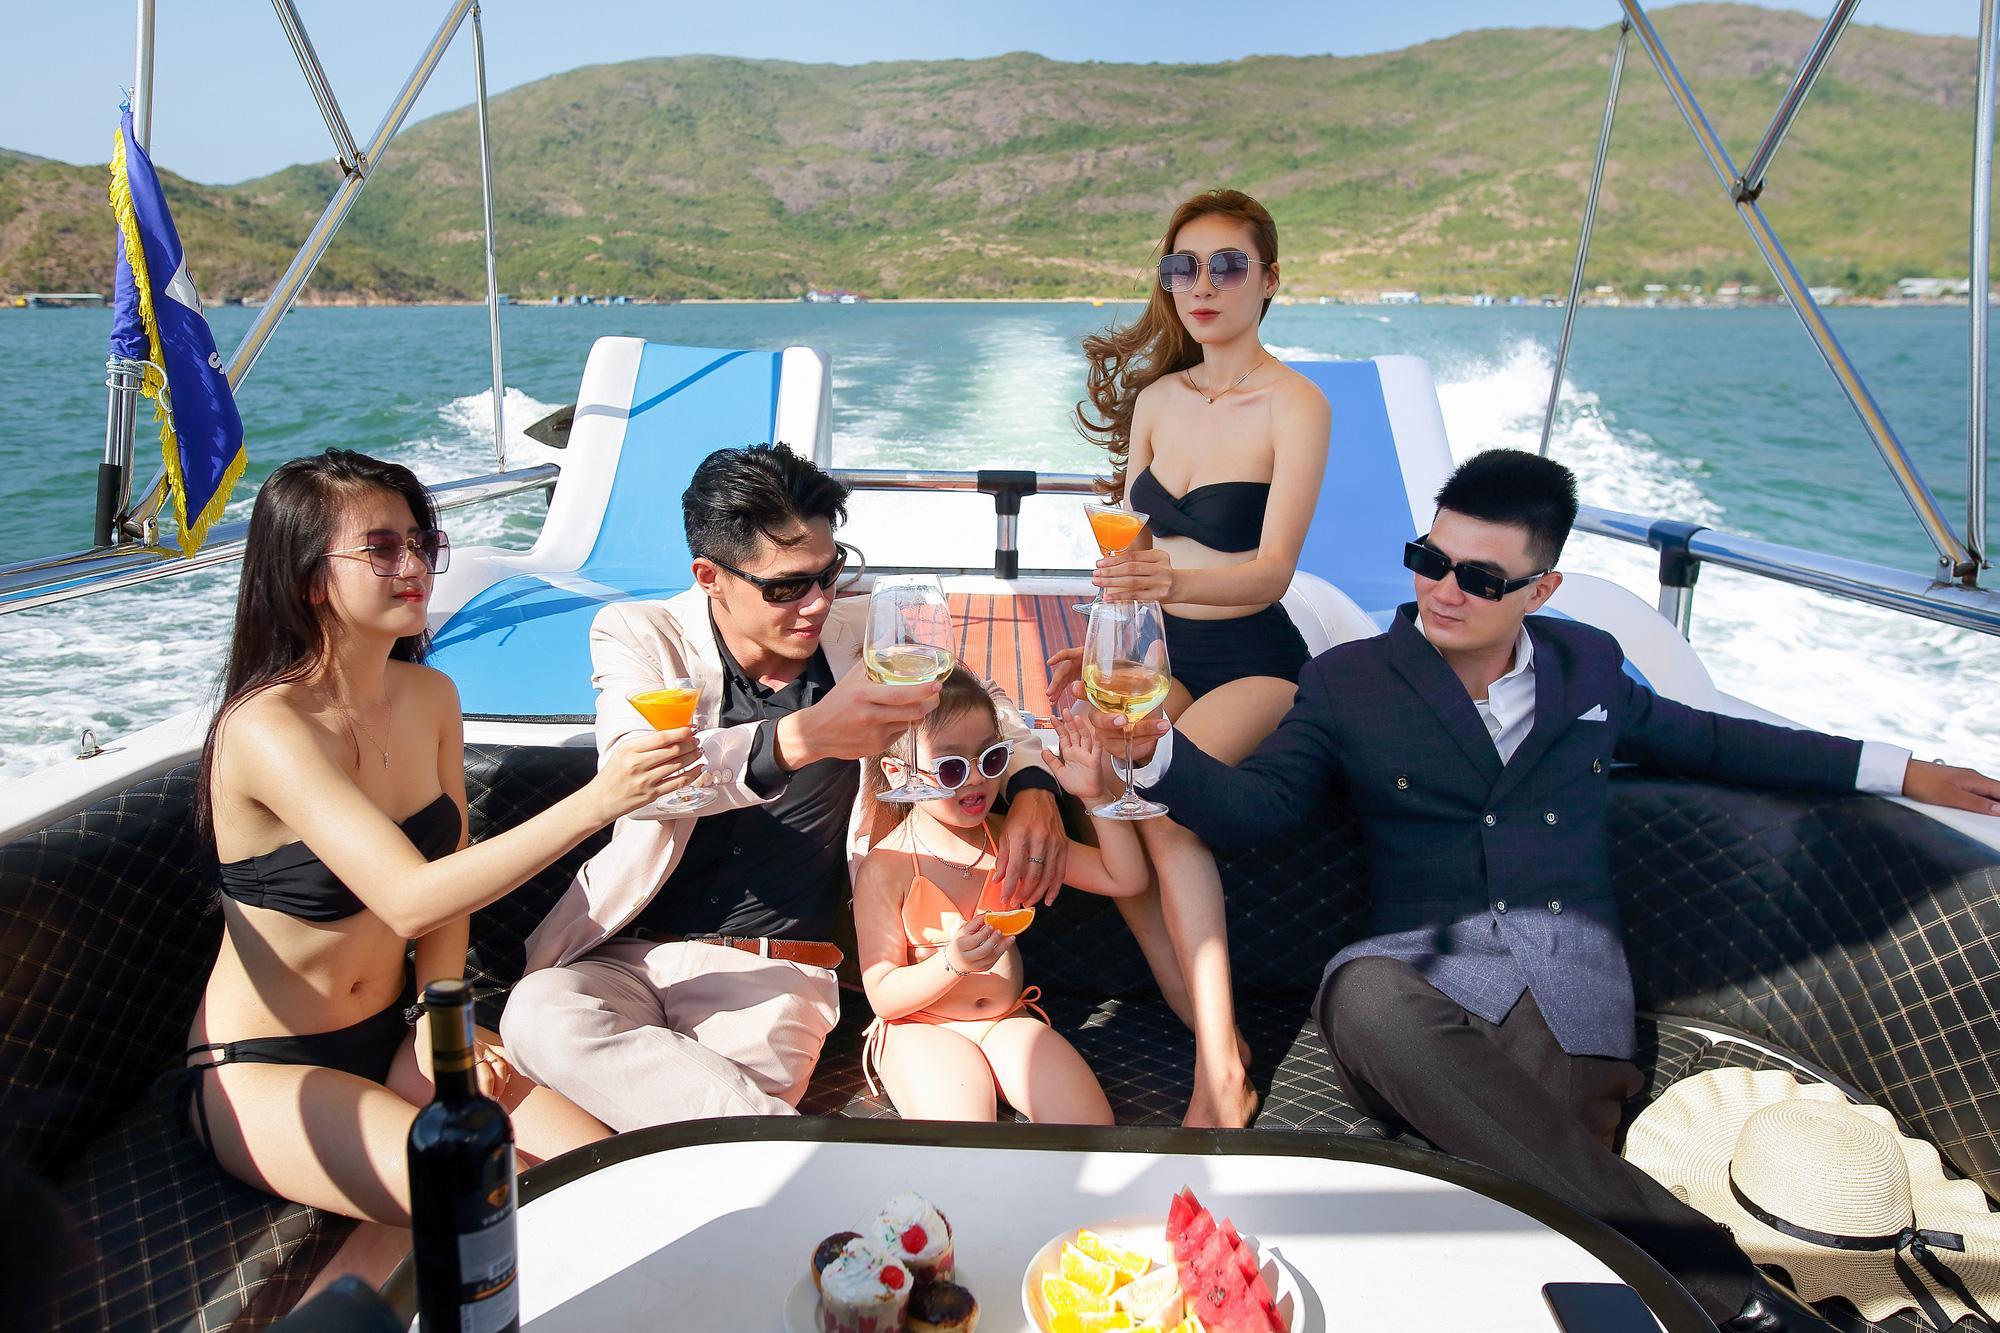 Năm 2021, tỉnh Bình Định kỳ vọng đón 4 triệu lượt khách du lịch, doanh thu 5.200 tỷ đồng - Ảnh 6.